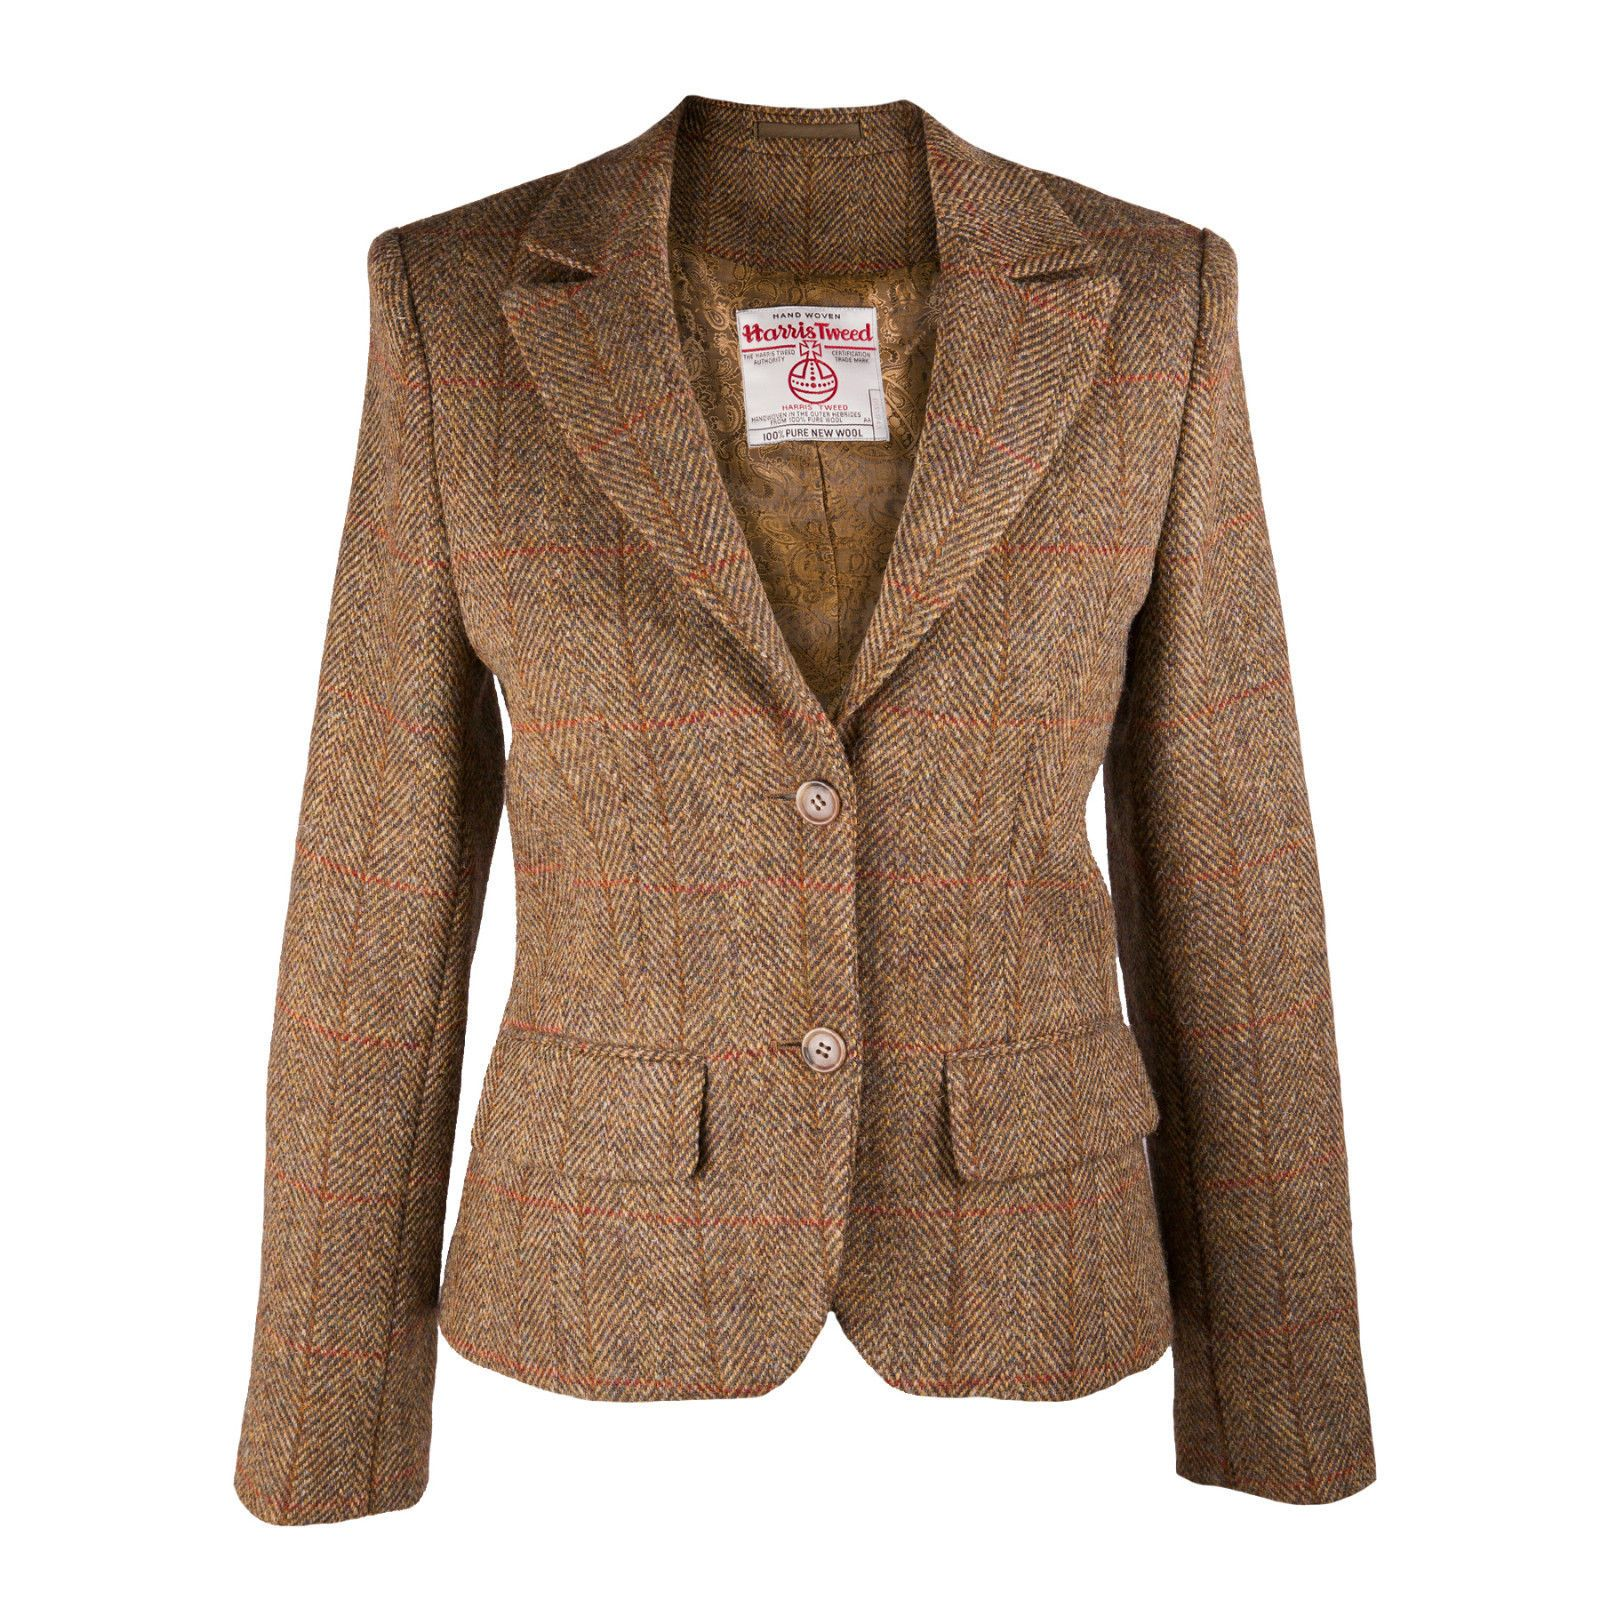 HARRIS TWEED Ladies Tammy Jacket 100% Pure New Wool Handwoven ...